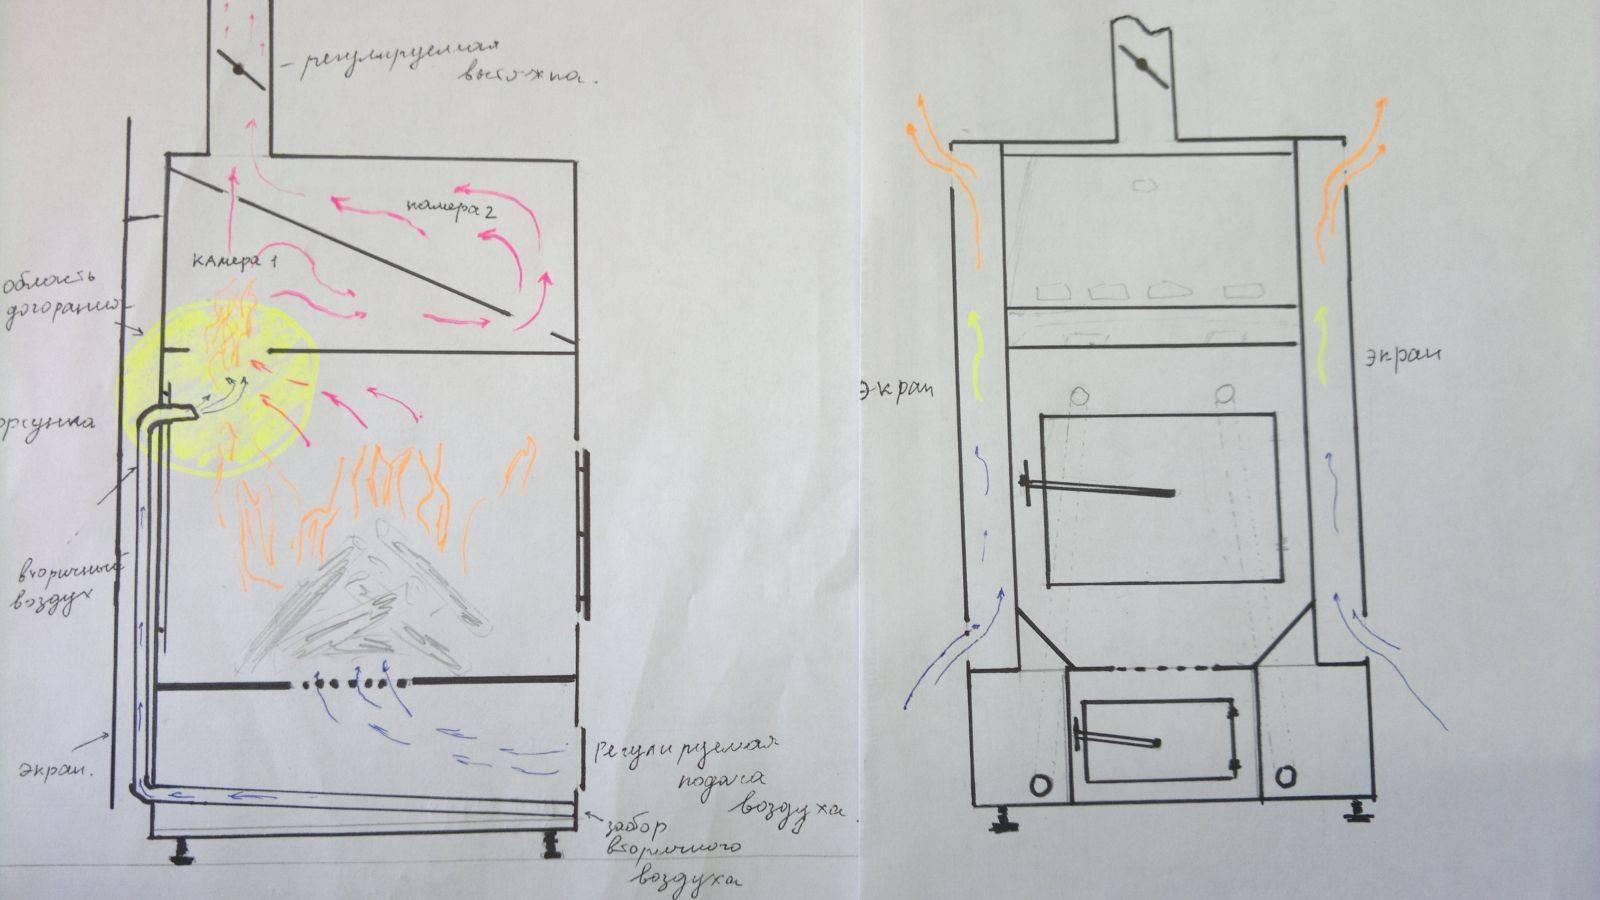 Печь для гаража: как сварить самодельный котёл своими руками по чертежам